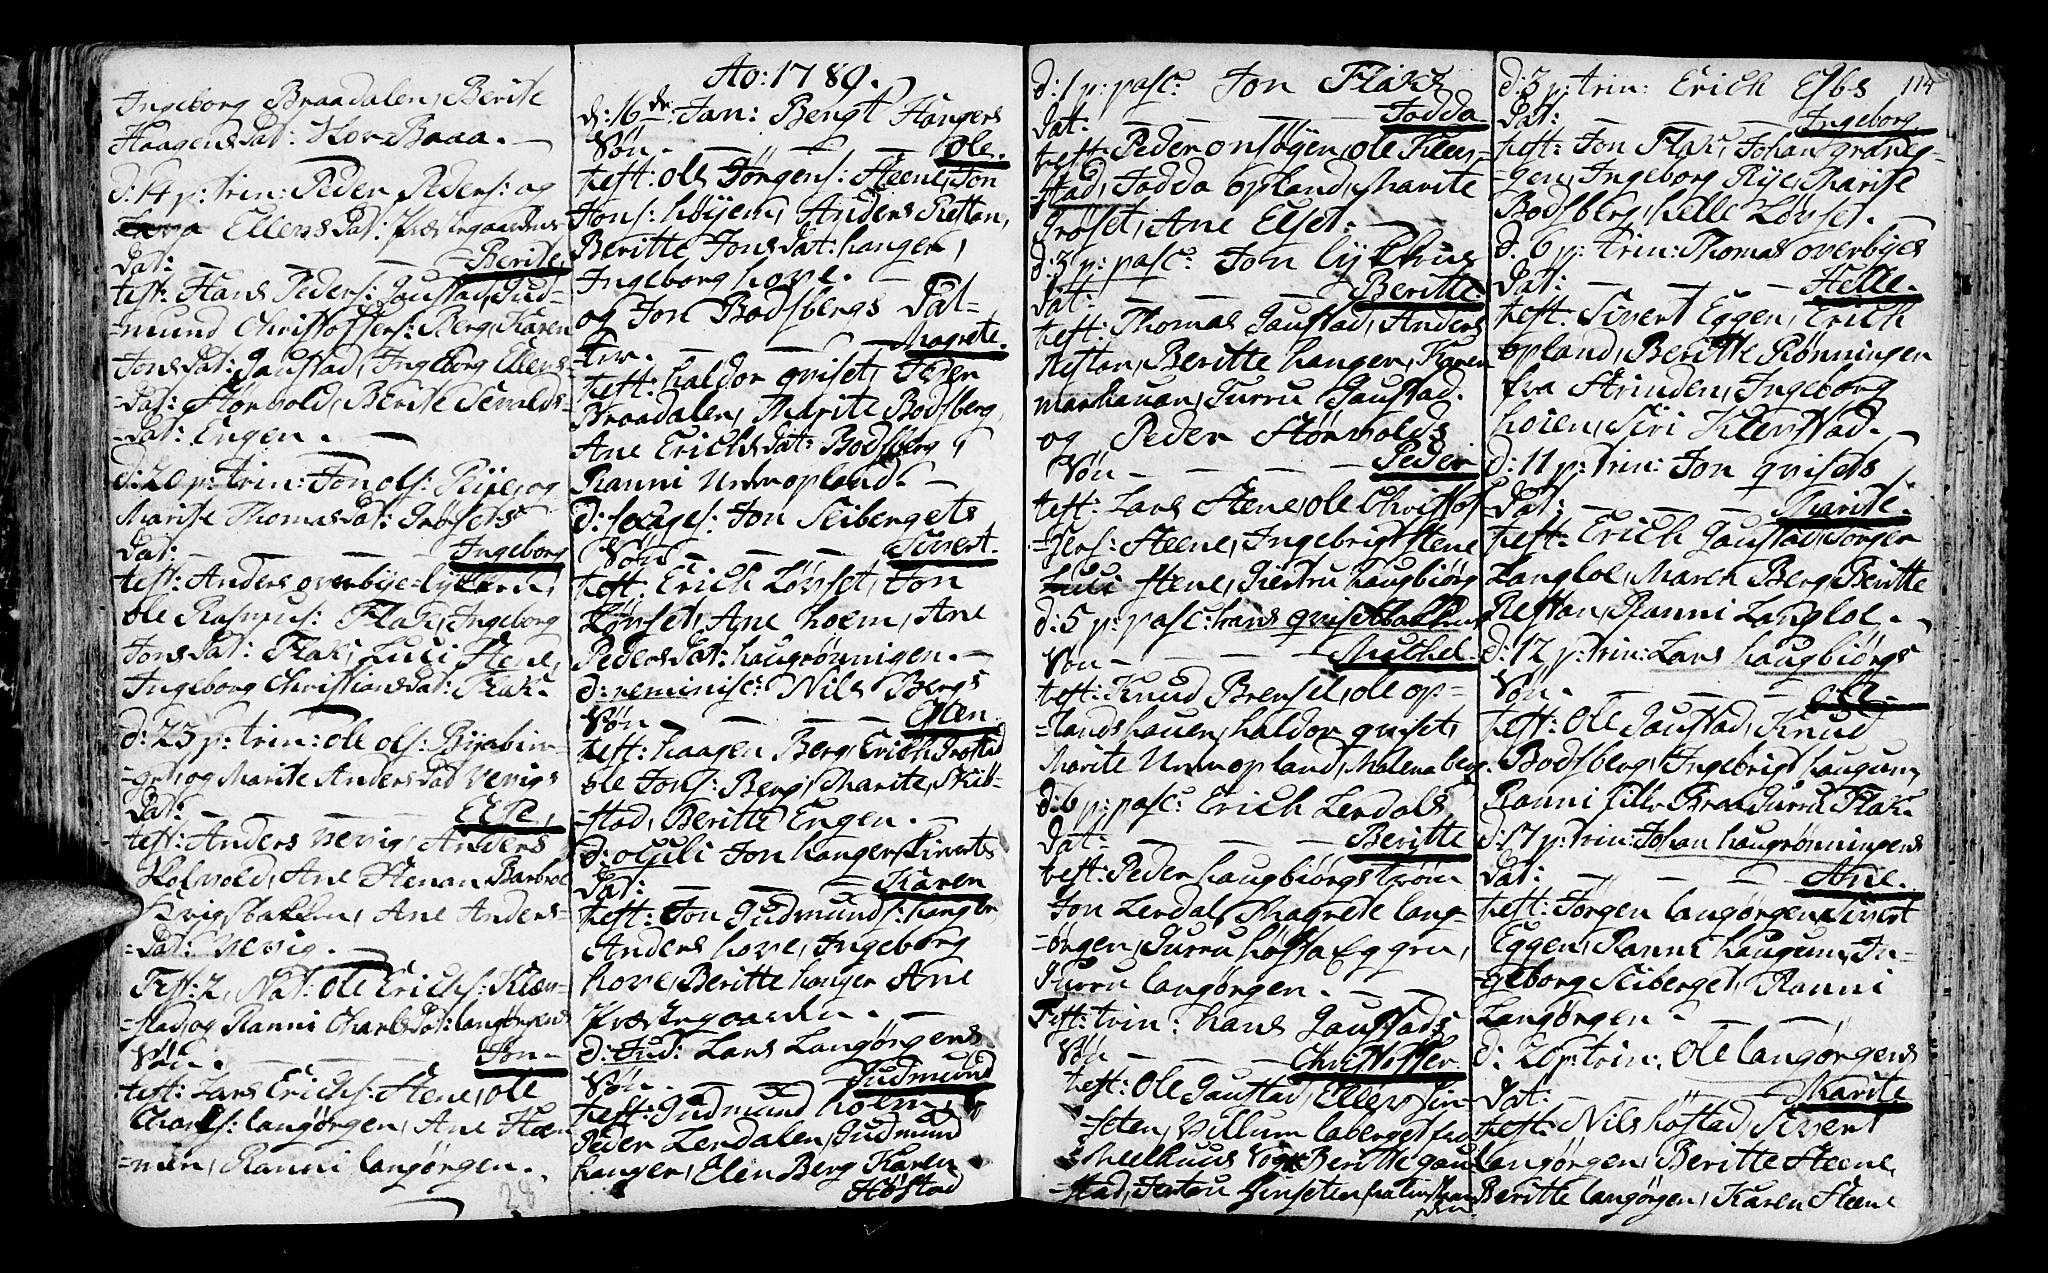 SAT, Ministerialprotokoller, klokkerbøker og fødselsregistre - Sør-Trøndelag, 612/L0370: Ministerialbok nr. 612A04, 1754-1802, s. 114